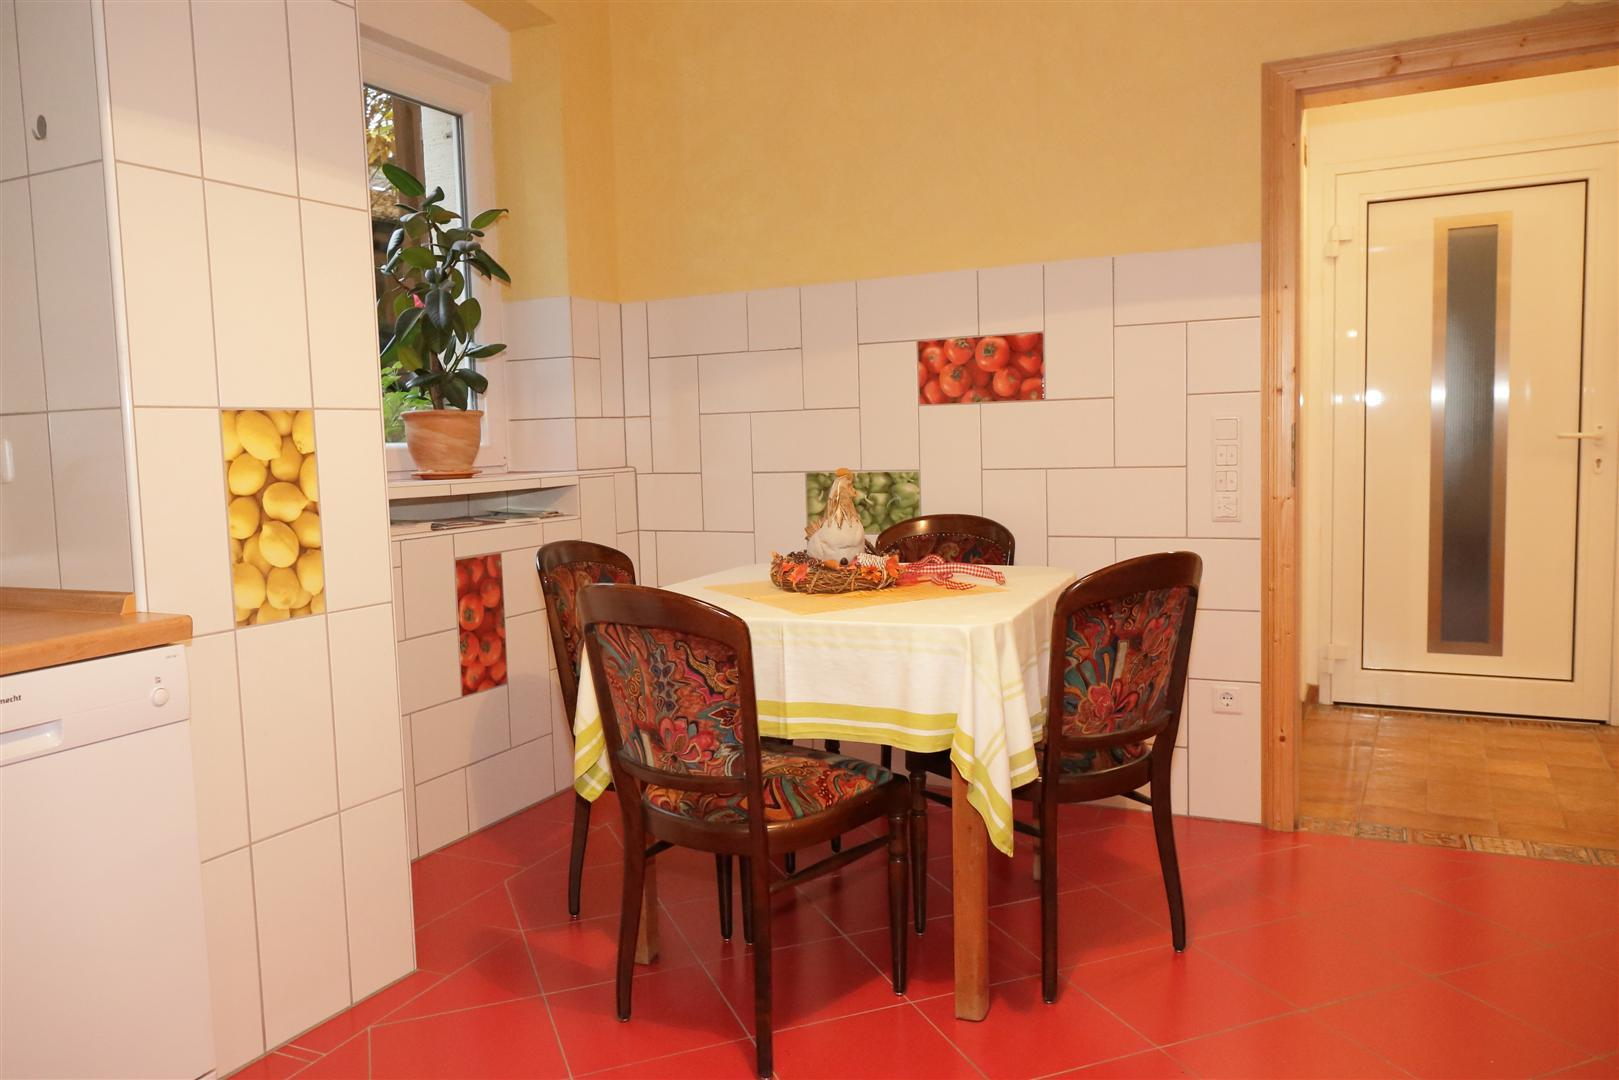 Küche-3 (Groß)